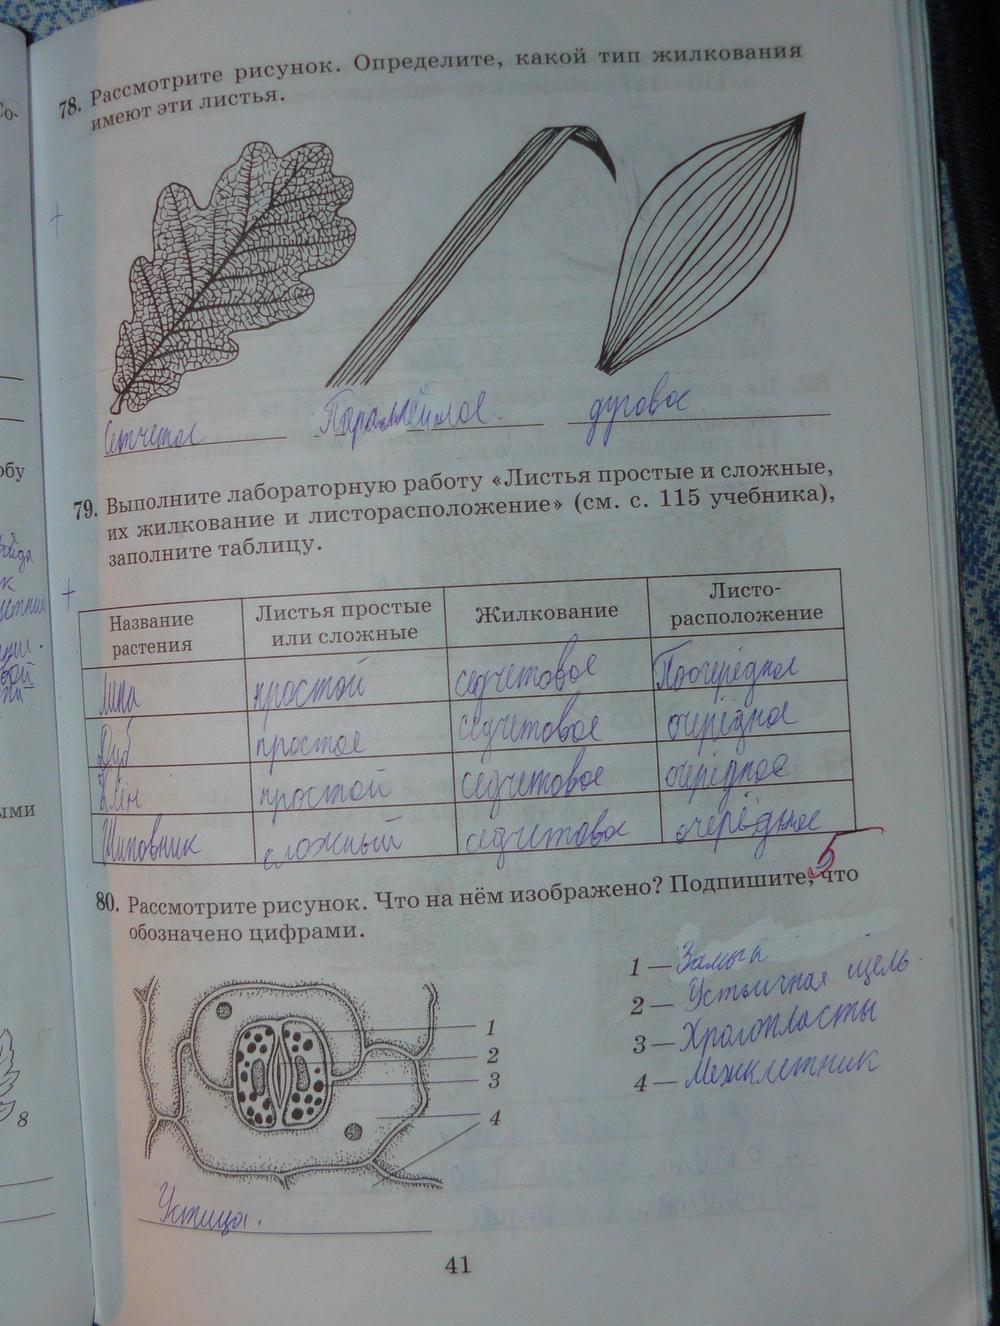 пасечник биологии рабочая по гдз 26 6 тетрадь класс